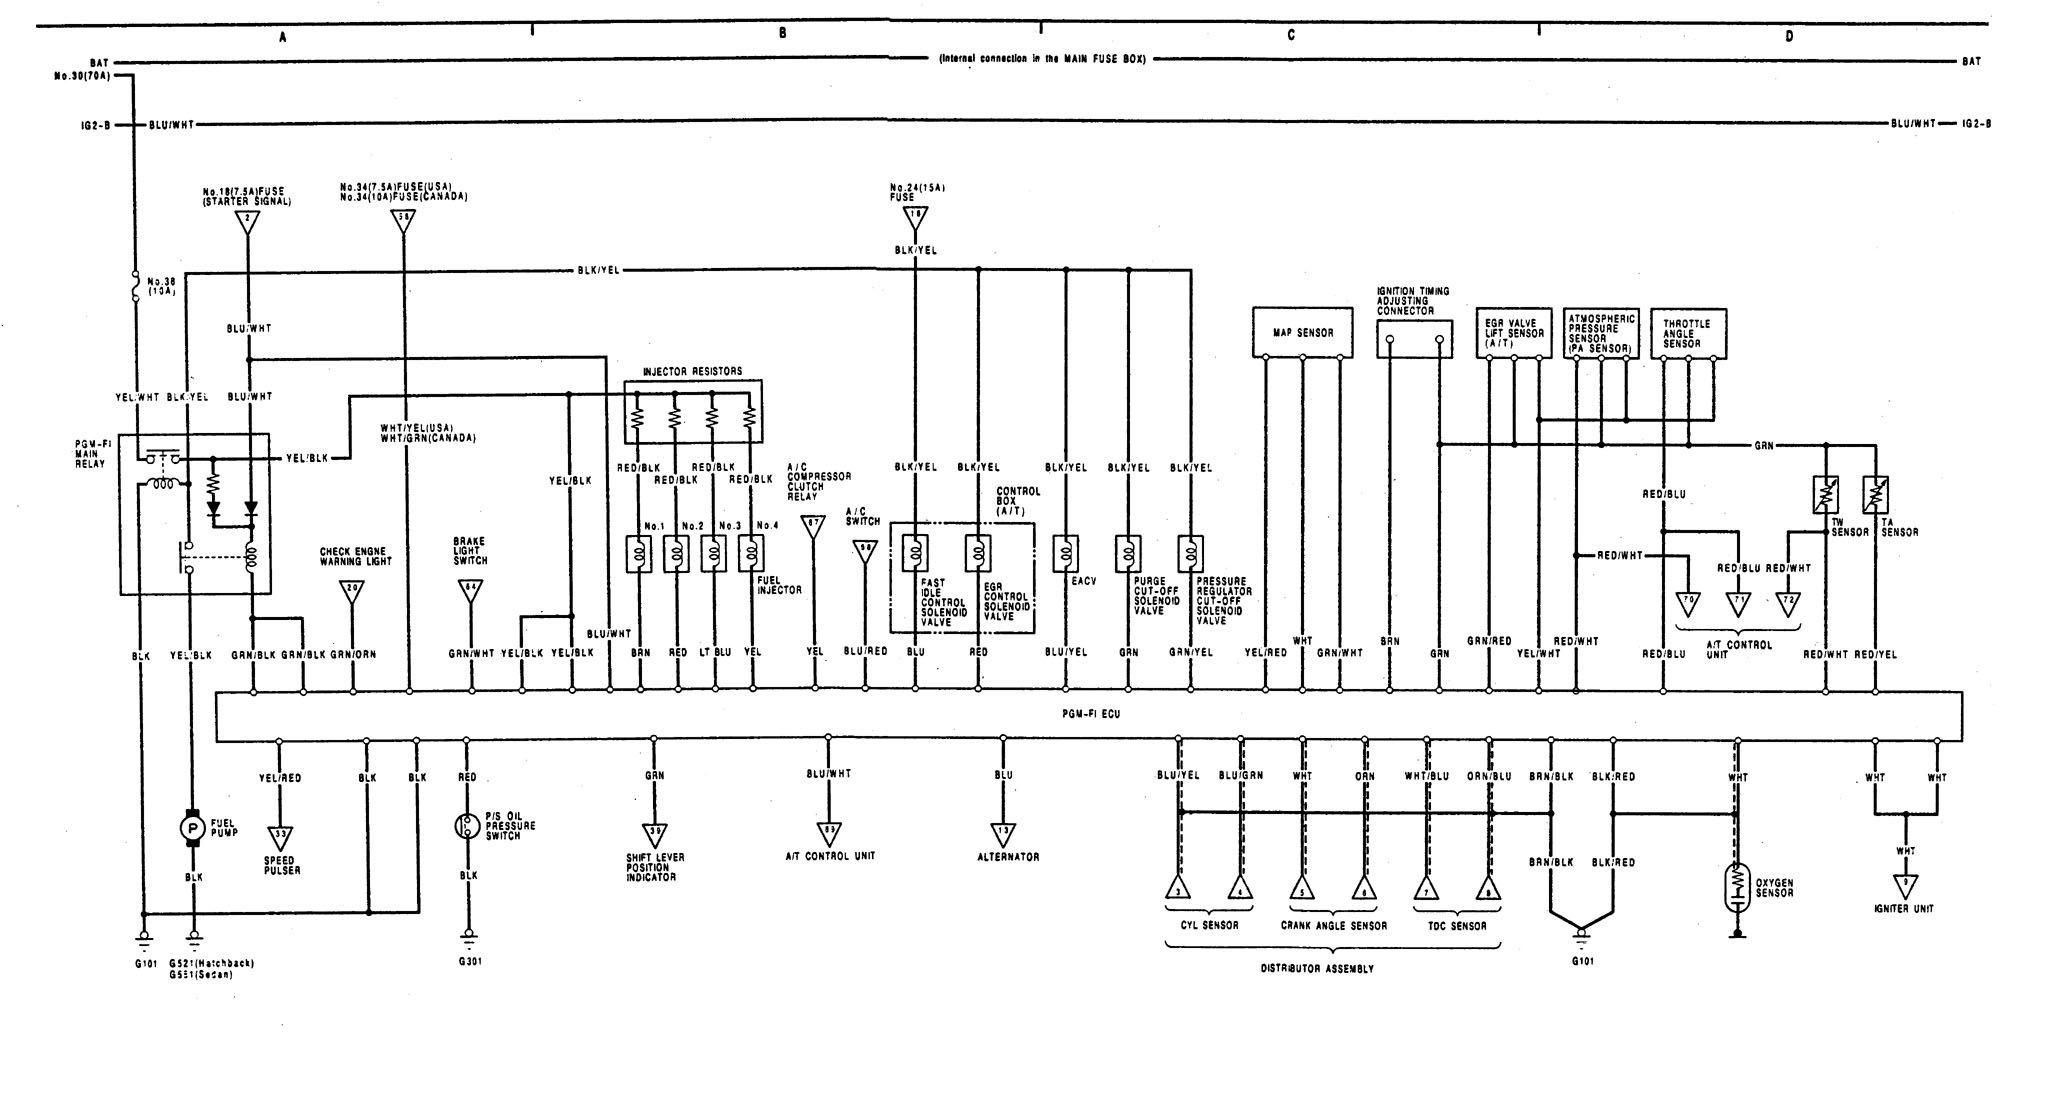 Acura Integra  1991  - Wiring Diagrams - Fuel Control